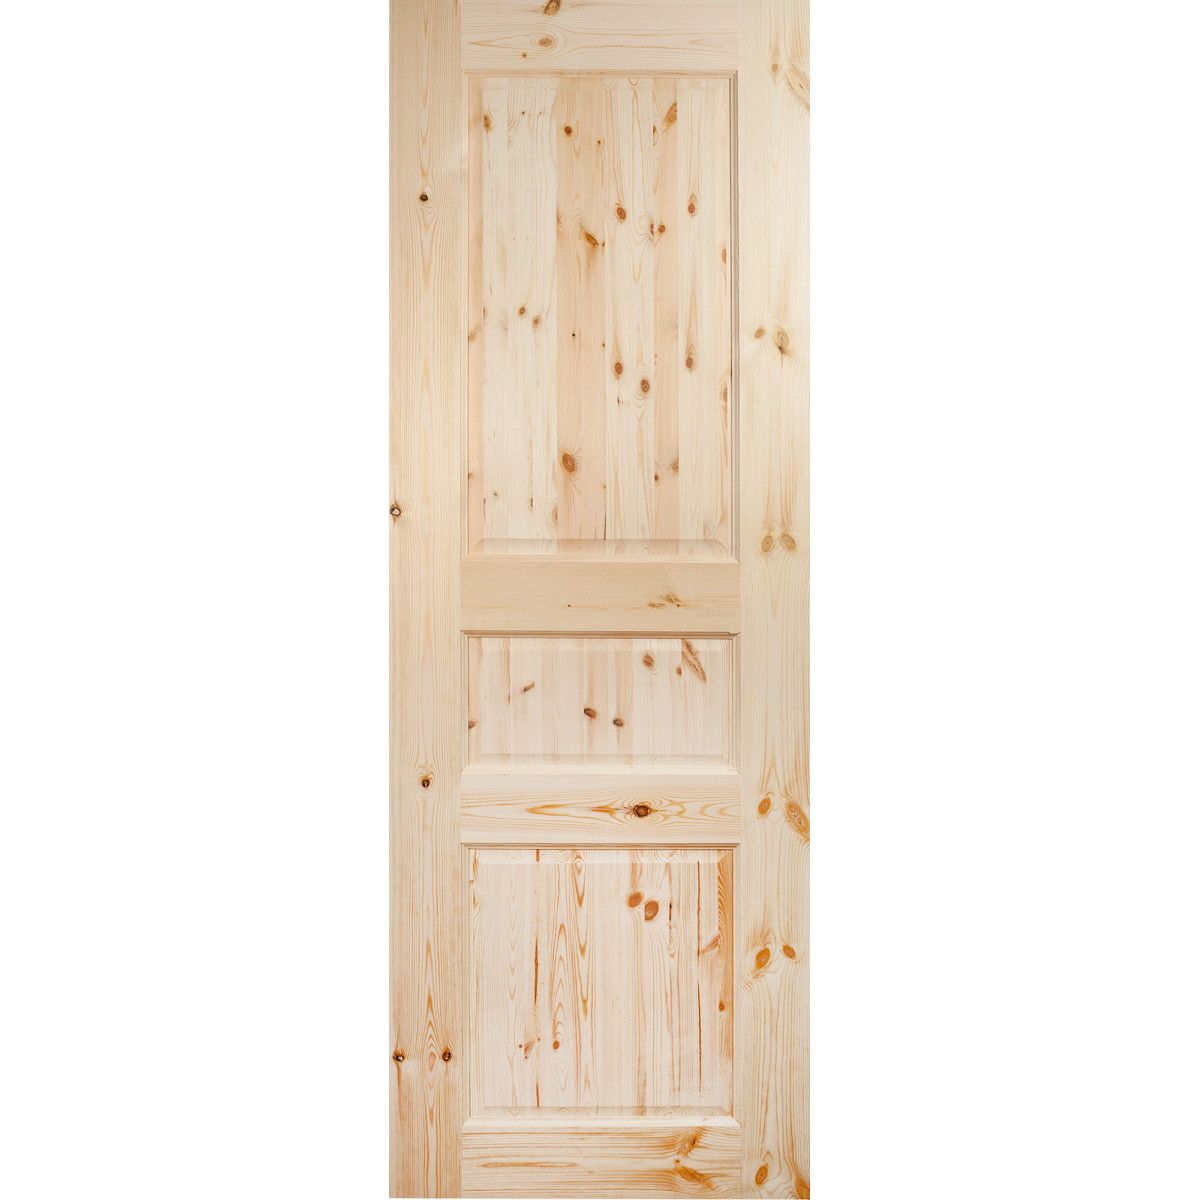 Дверь межкомнатная глухая 3 филёнки 70x200 см массив сосны цвет бежевый